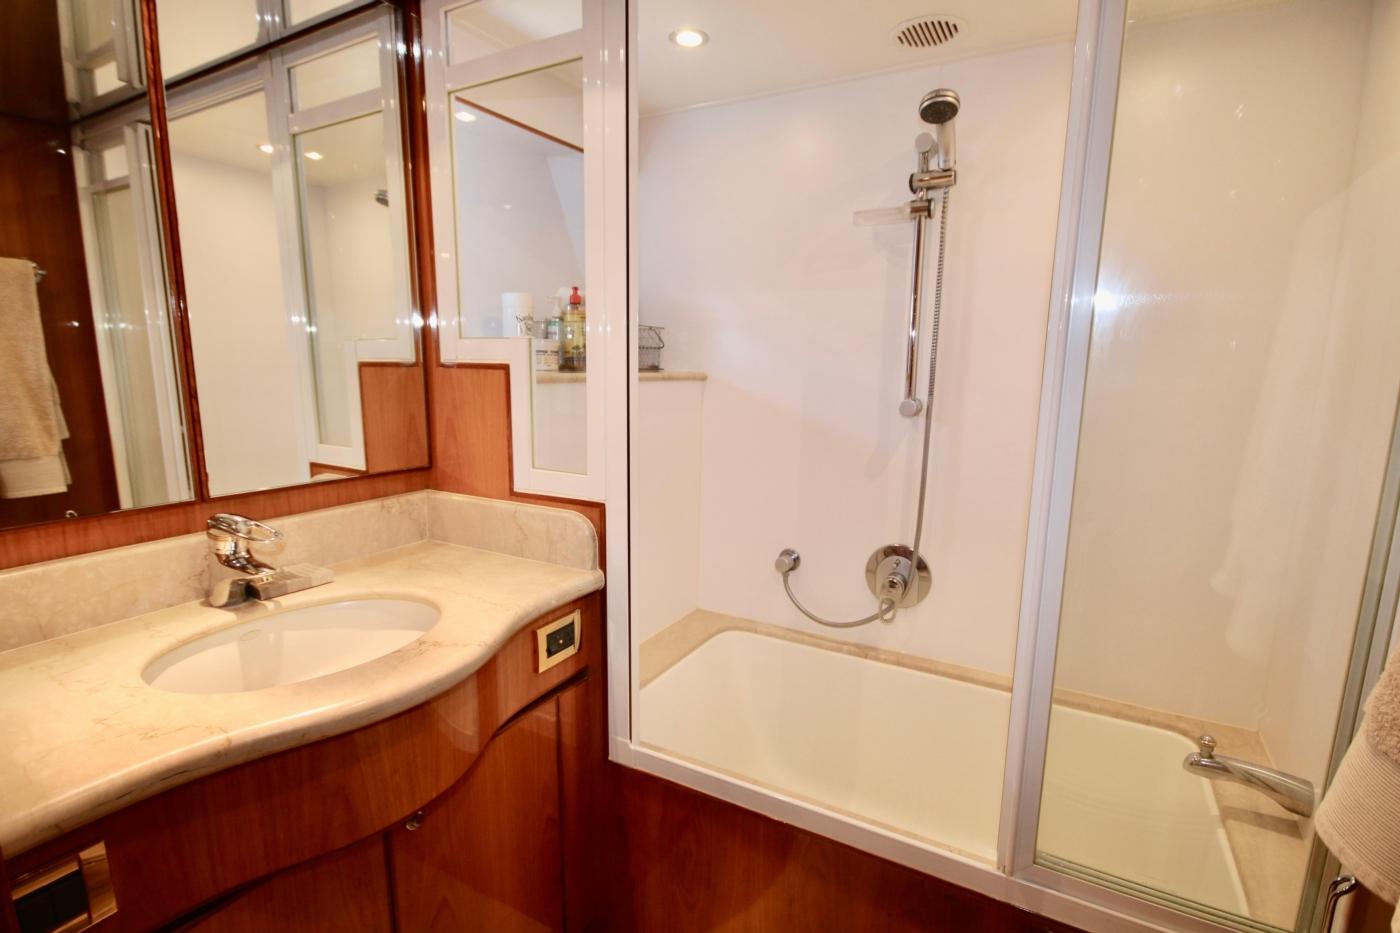 2002 Monte Fino 68, Enclosed Bath & Shower in Master